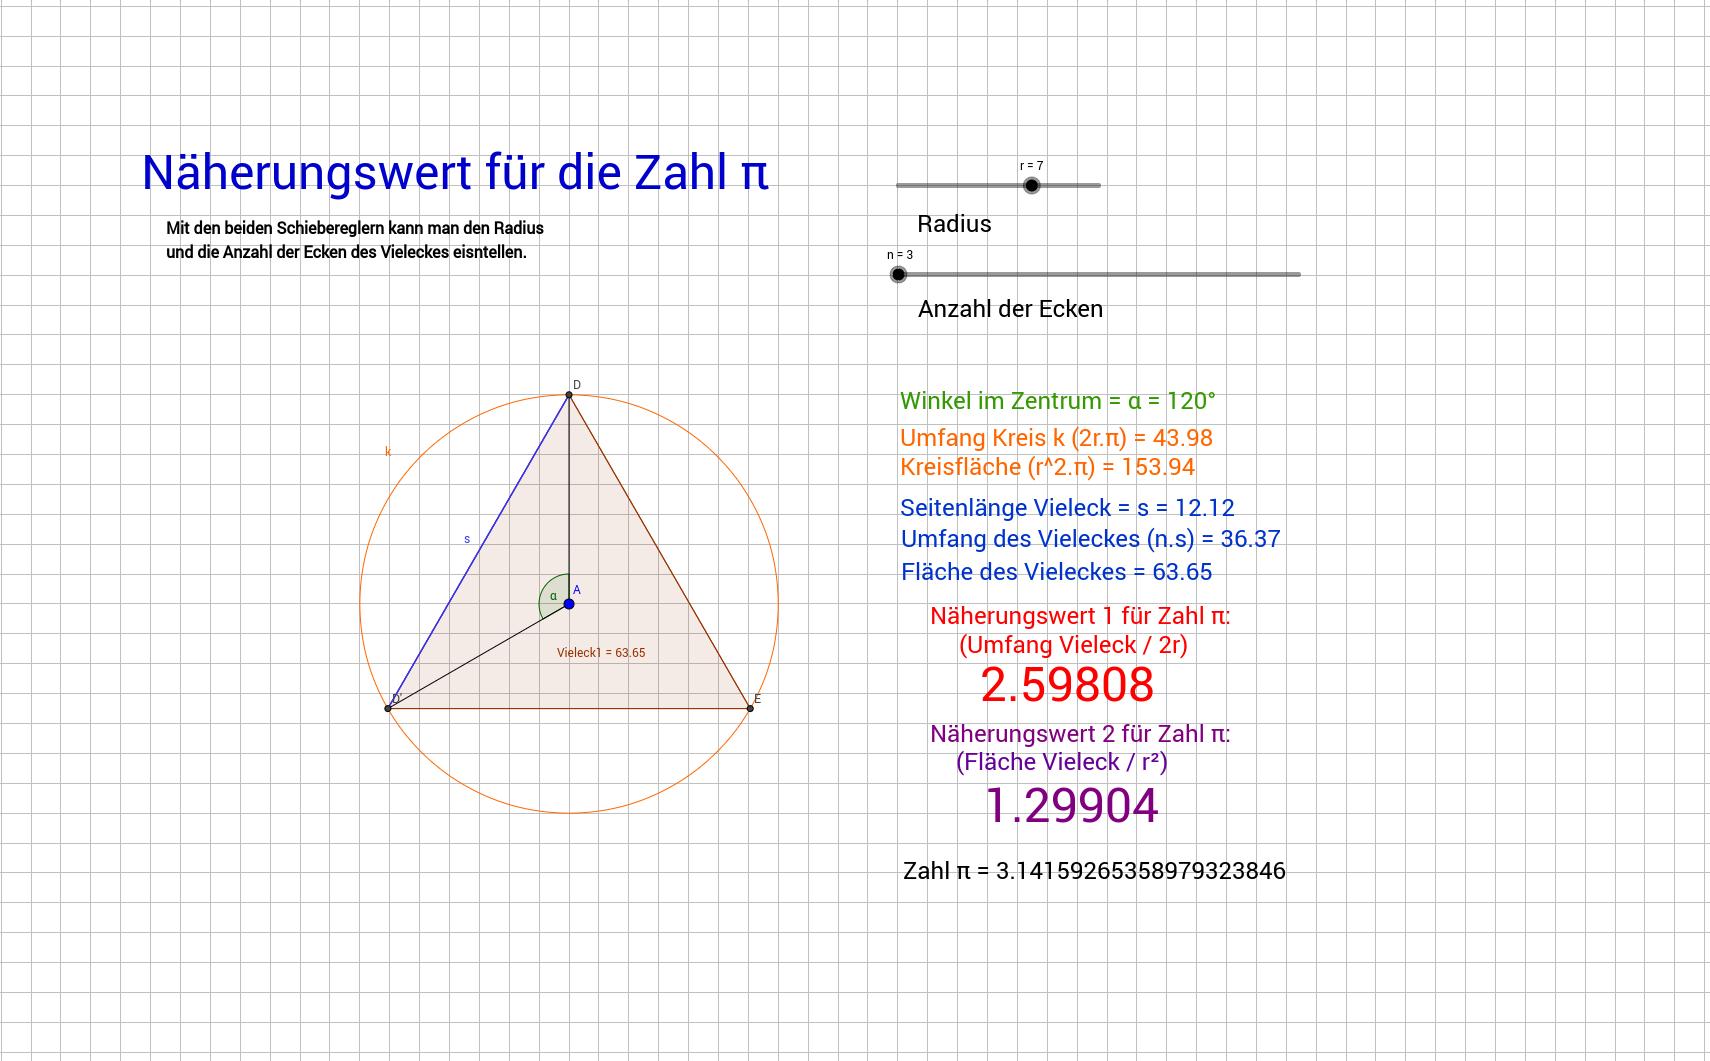 Groß Suche Nach Innenwinkel Eines Polygons Arbeitsblatt Bilder ...